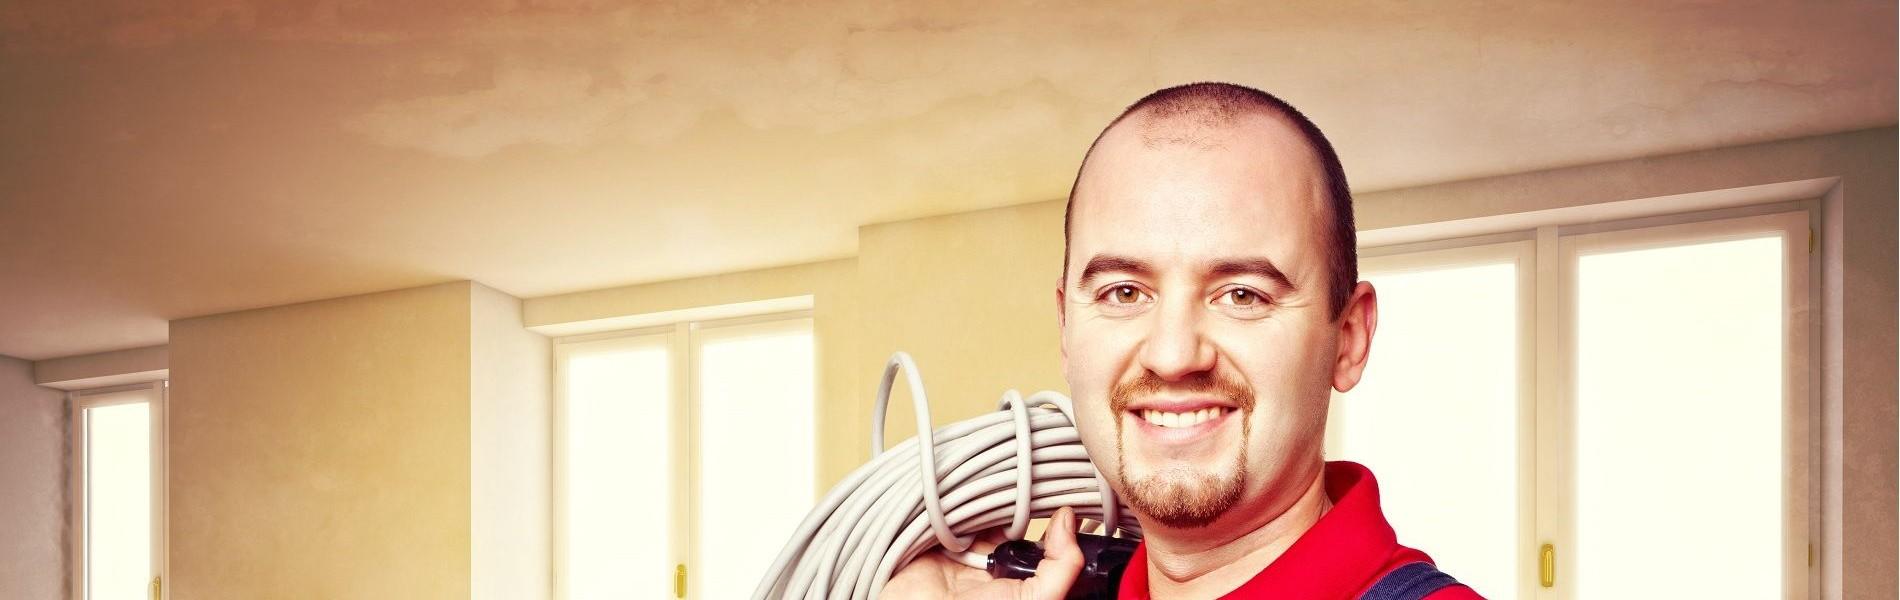 Guillaume, spécialiste du bricolage à domicile